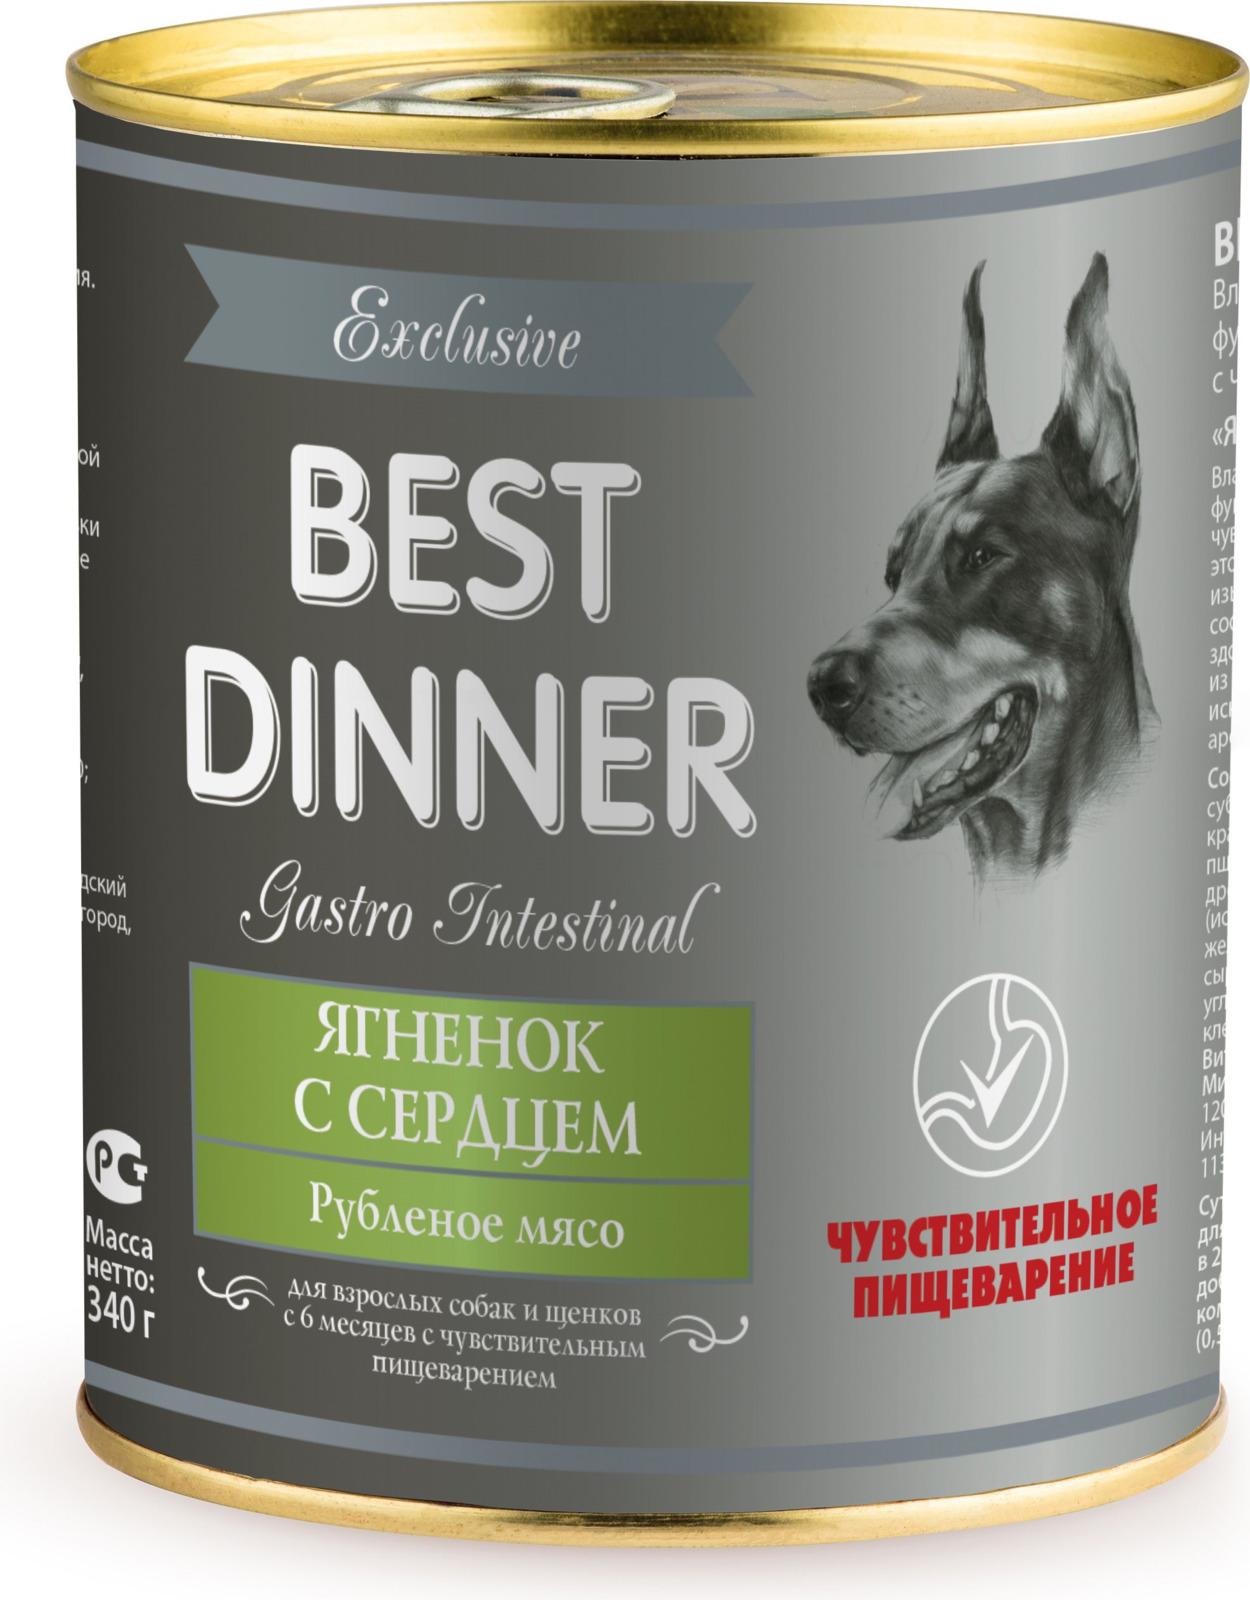 Корм консервированный для собак Best Dinner Exclusive Gastro Intestinal, ягненок с сердцем, 340 г